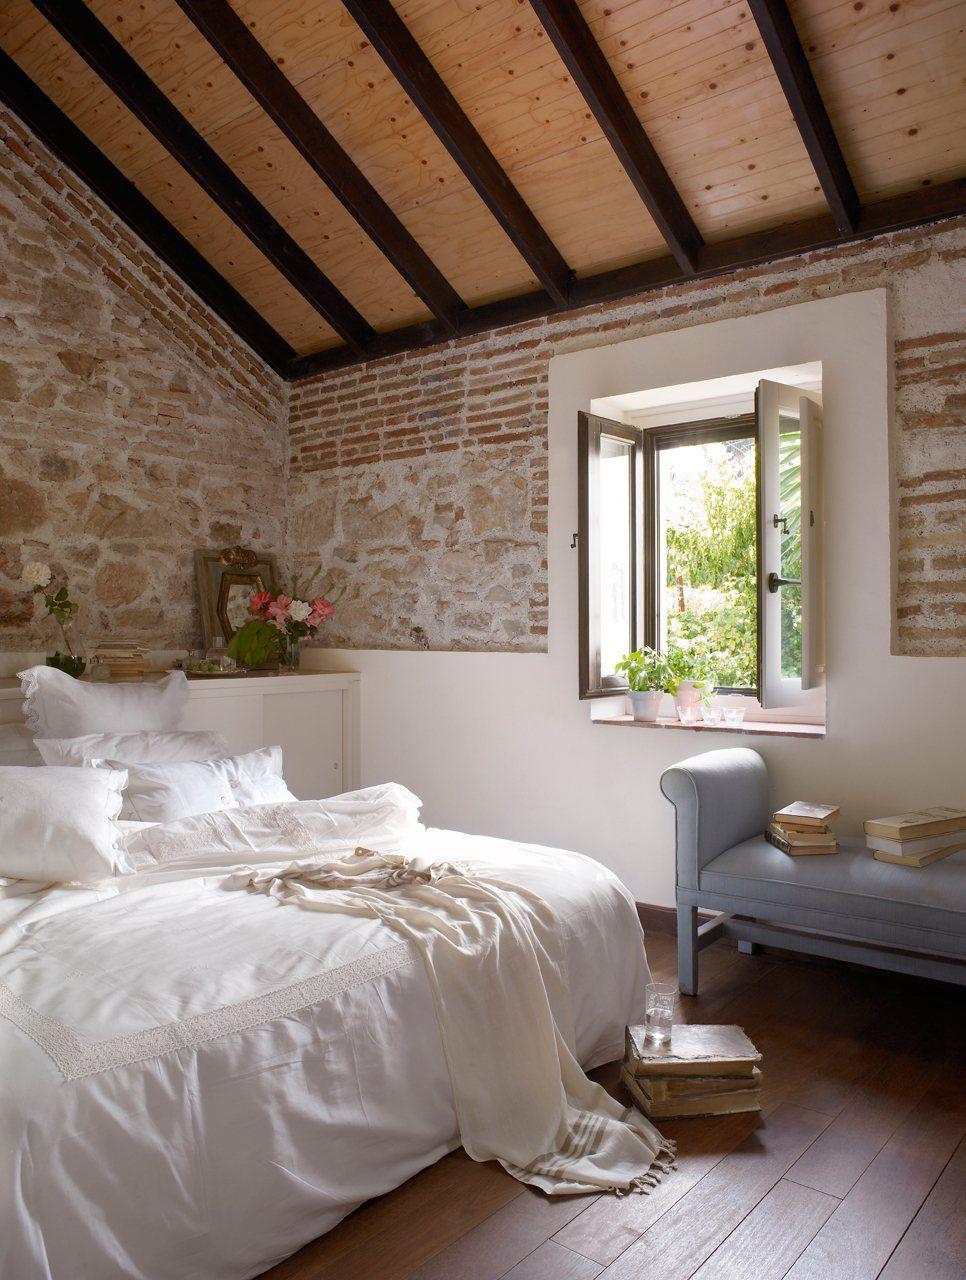 Las paredes del dormitorio combinan piedra original - Decoracion de paredes con piedra ...